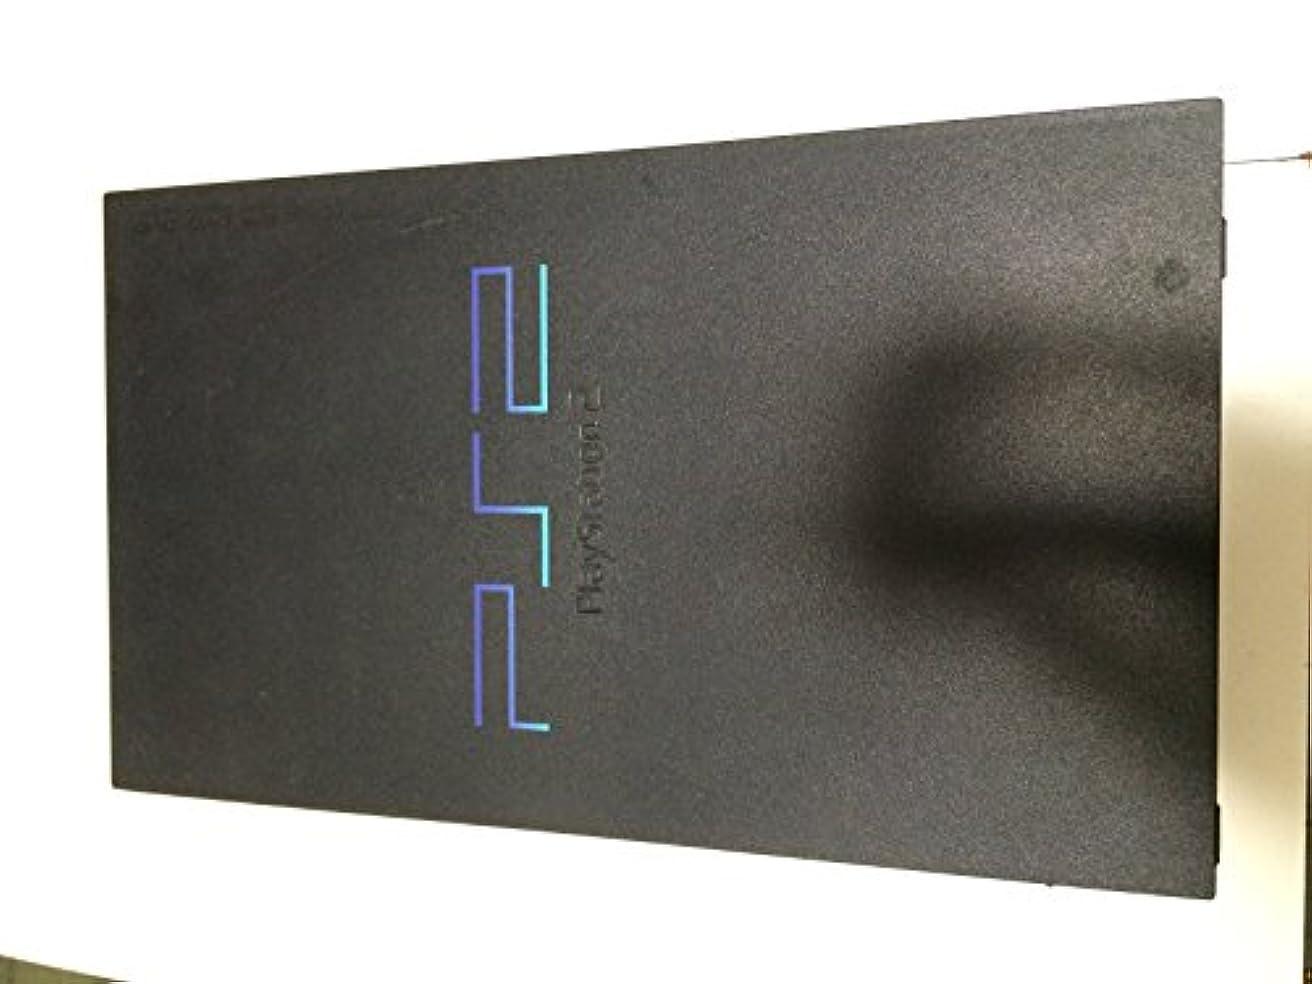 キャッチ乱す量でプレイステーション2本体SCPH-18000